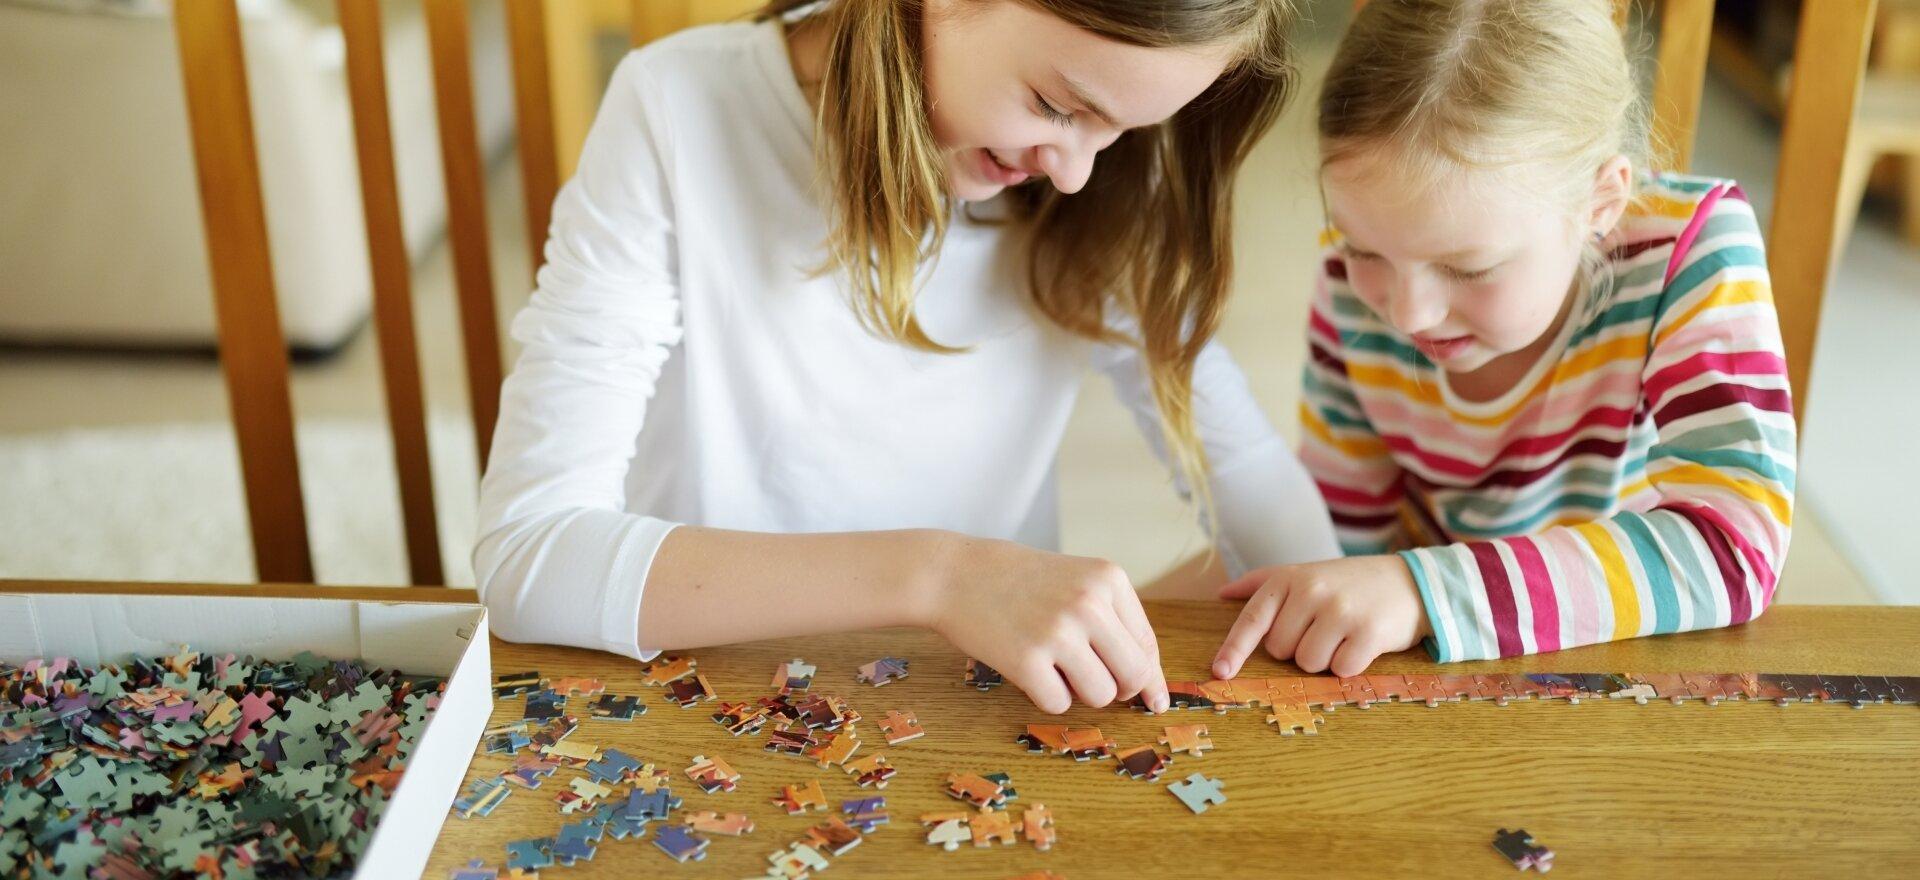 Puzzle a Játszóházban